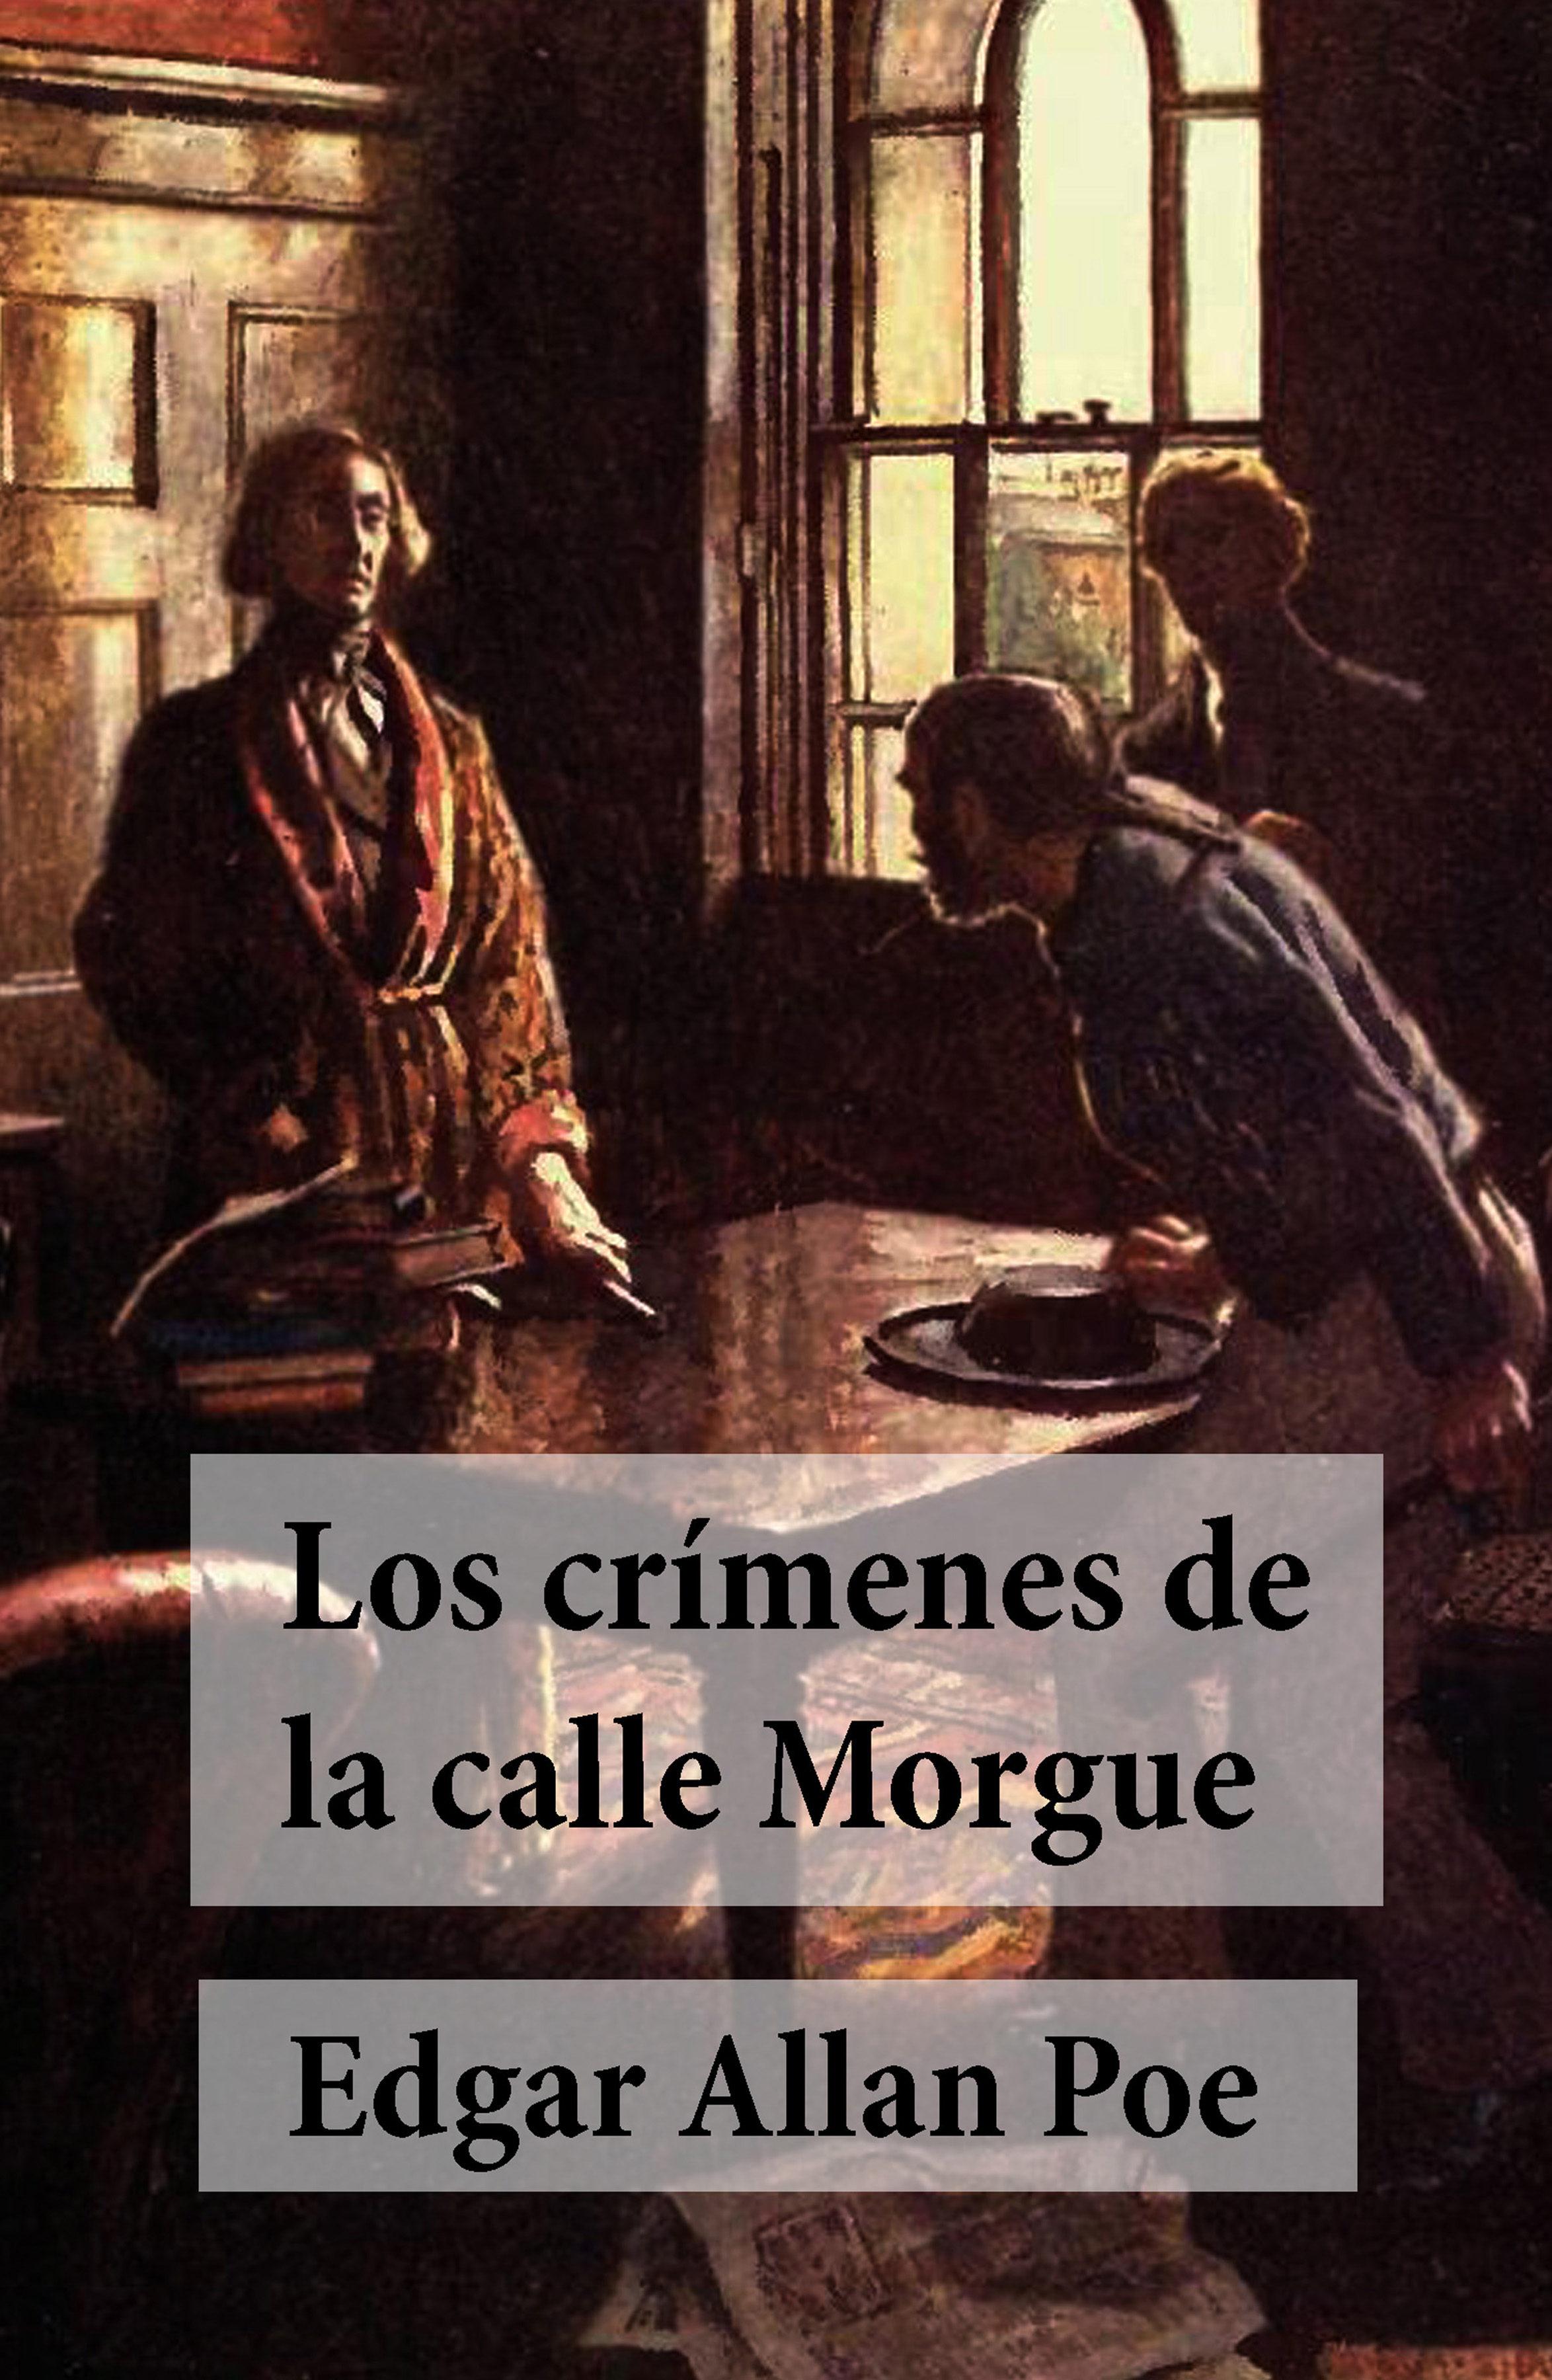 Resultado de imagen para crimenes de la calle morgue